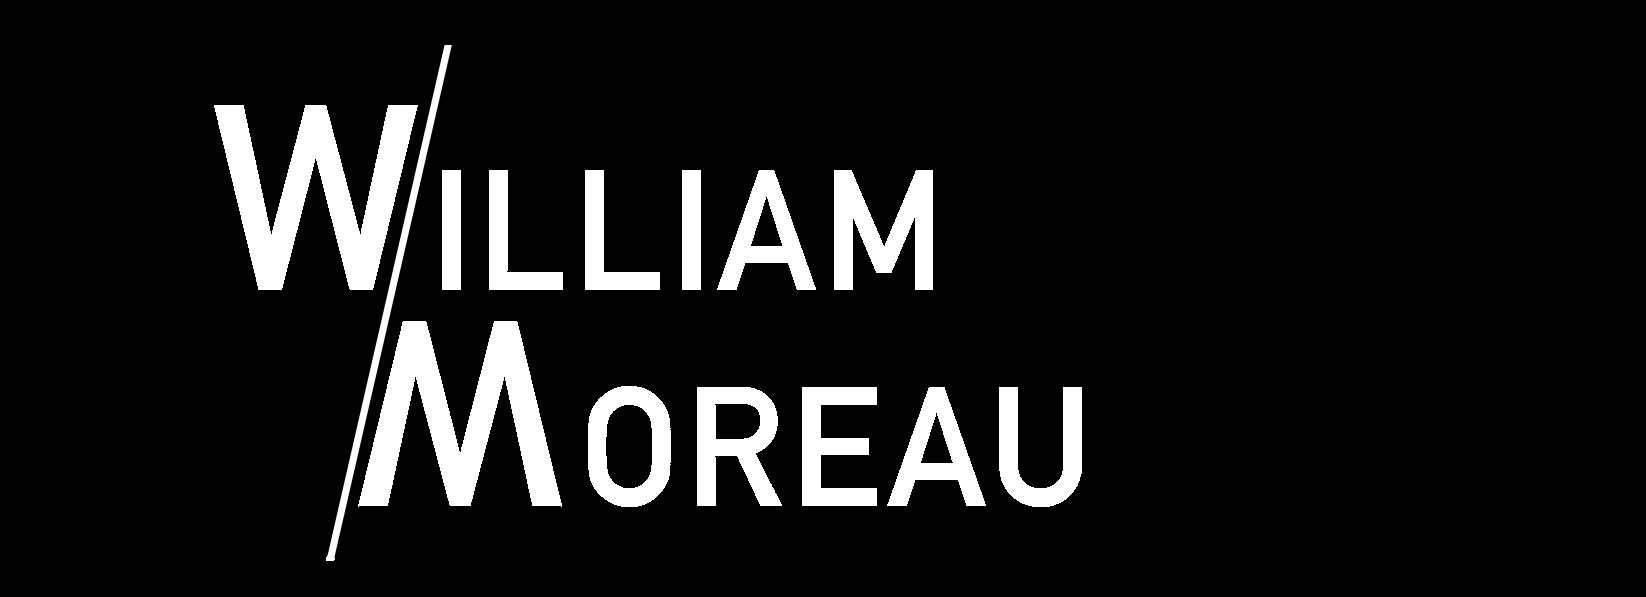 william moreau texte